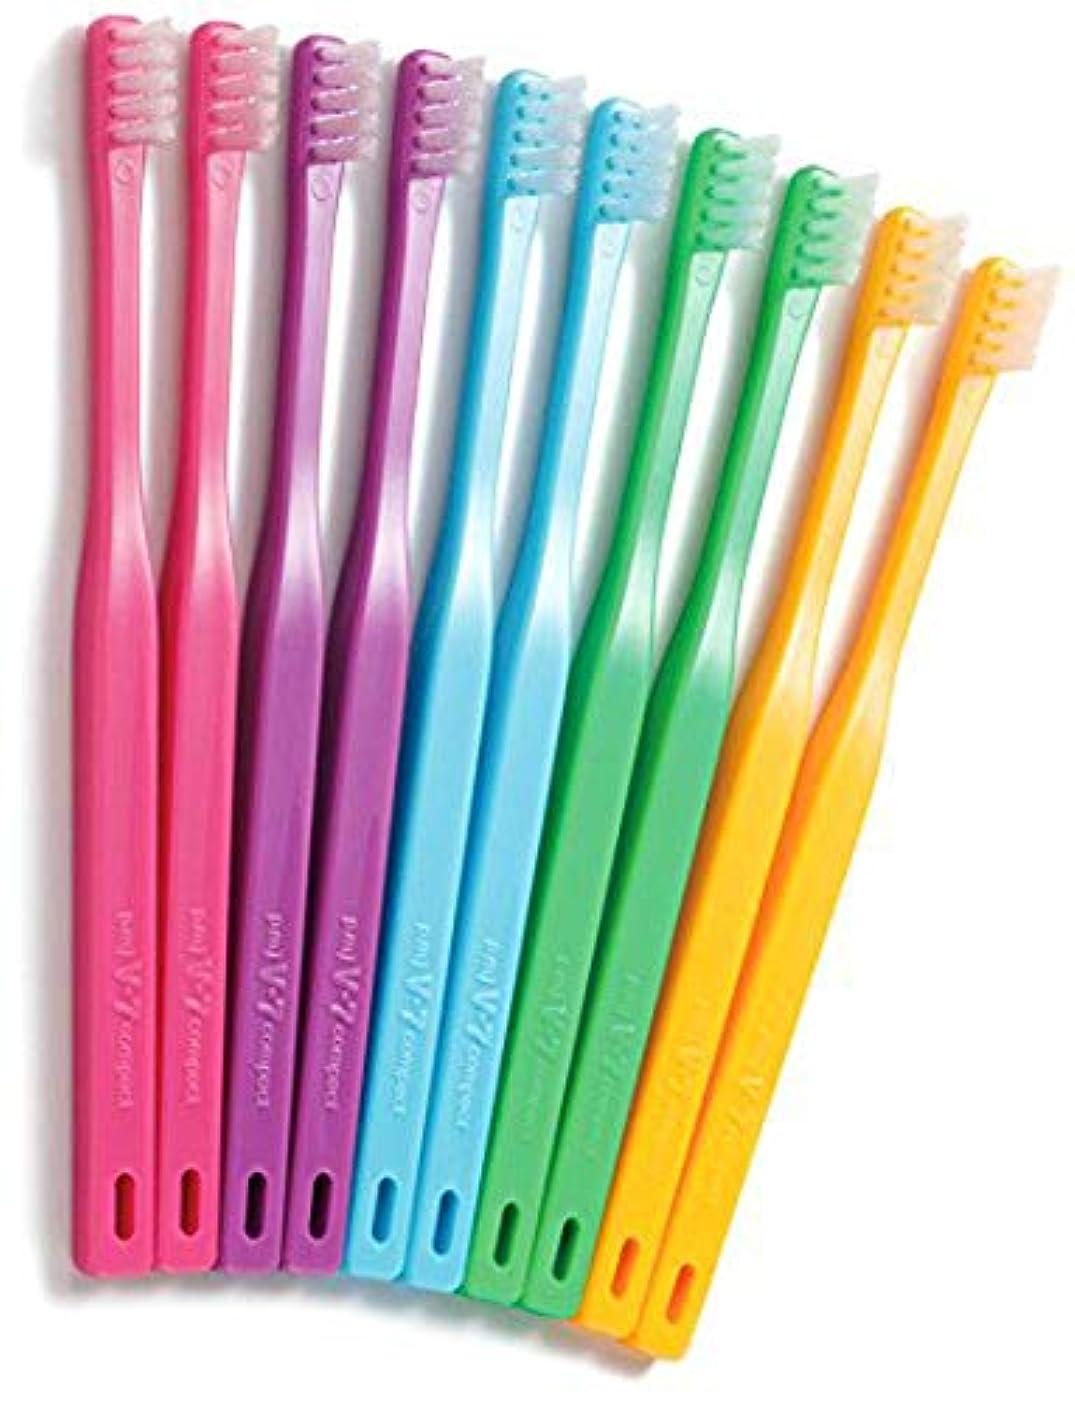 フェッチ強打王朝つまようじ法歯ブラシ V-7 コンパクトヘッド ビビッドカラー 5本